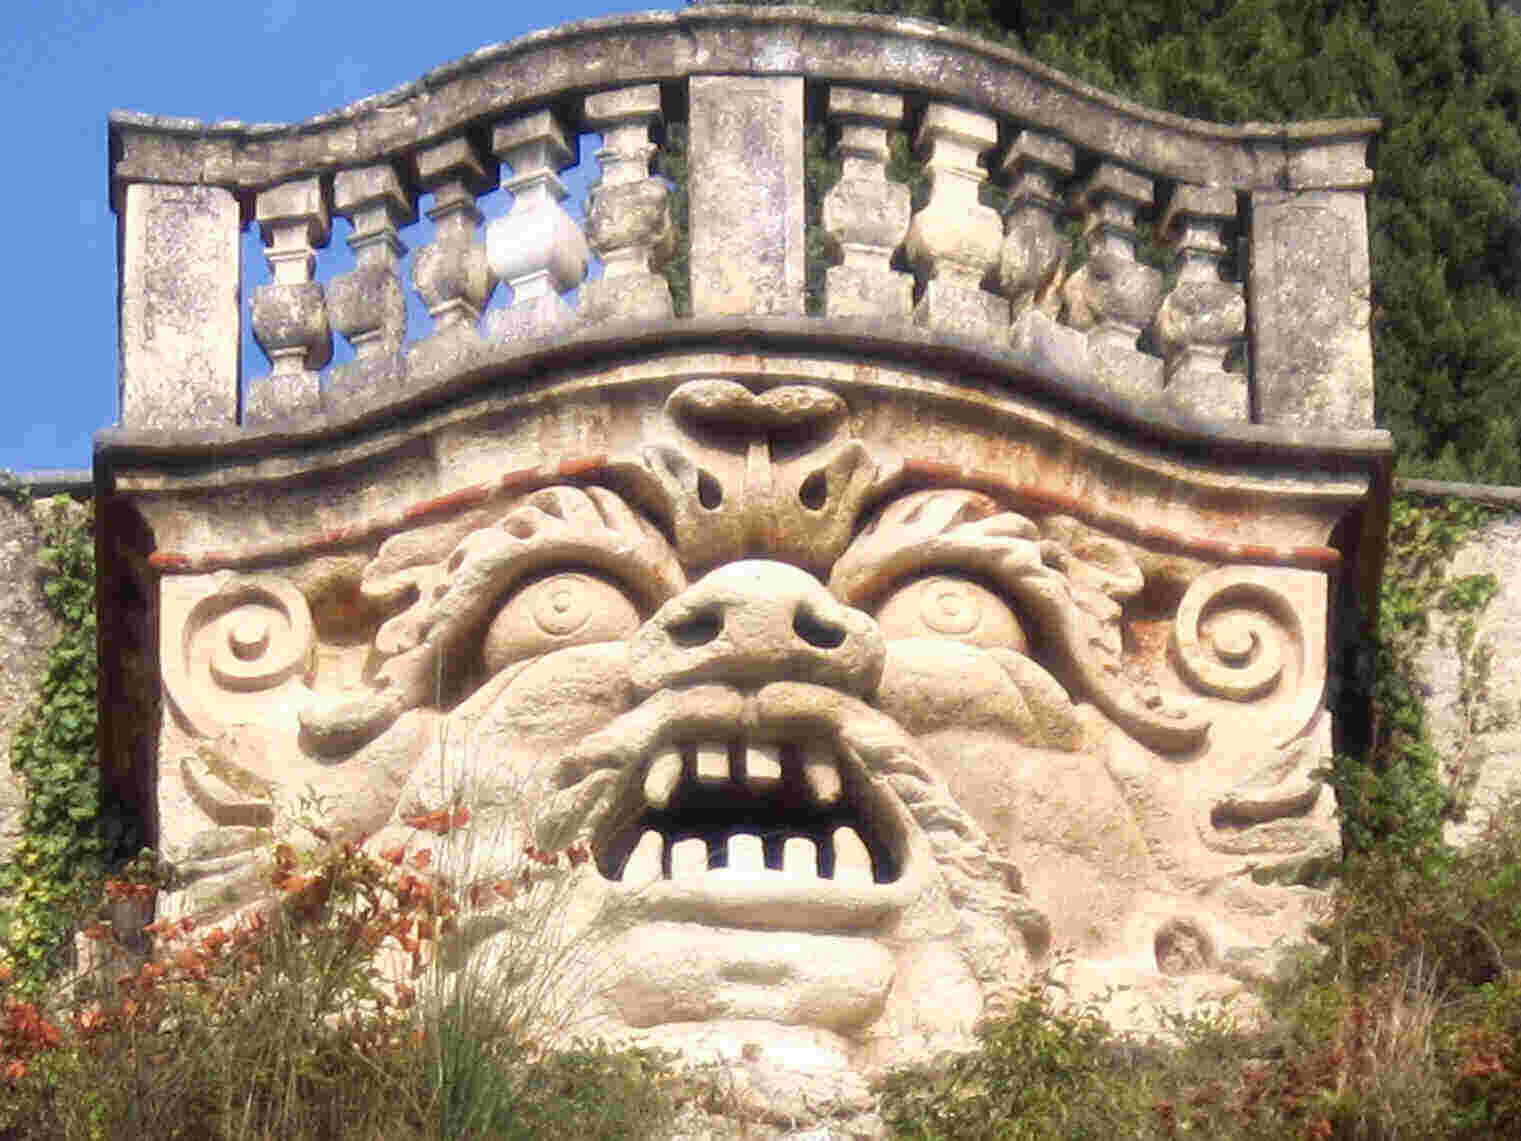 Verona palazzo giusti u mit goethe auf der bank vonreisenundgaerten